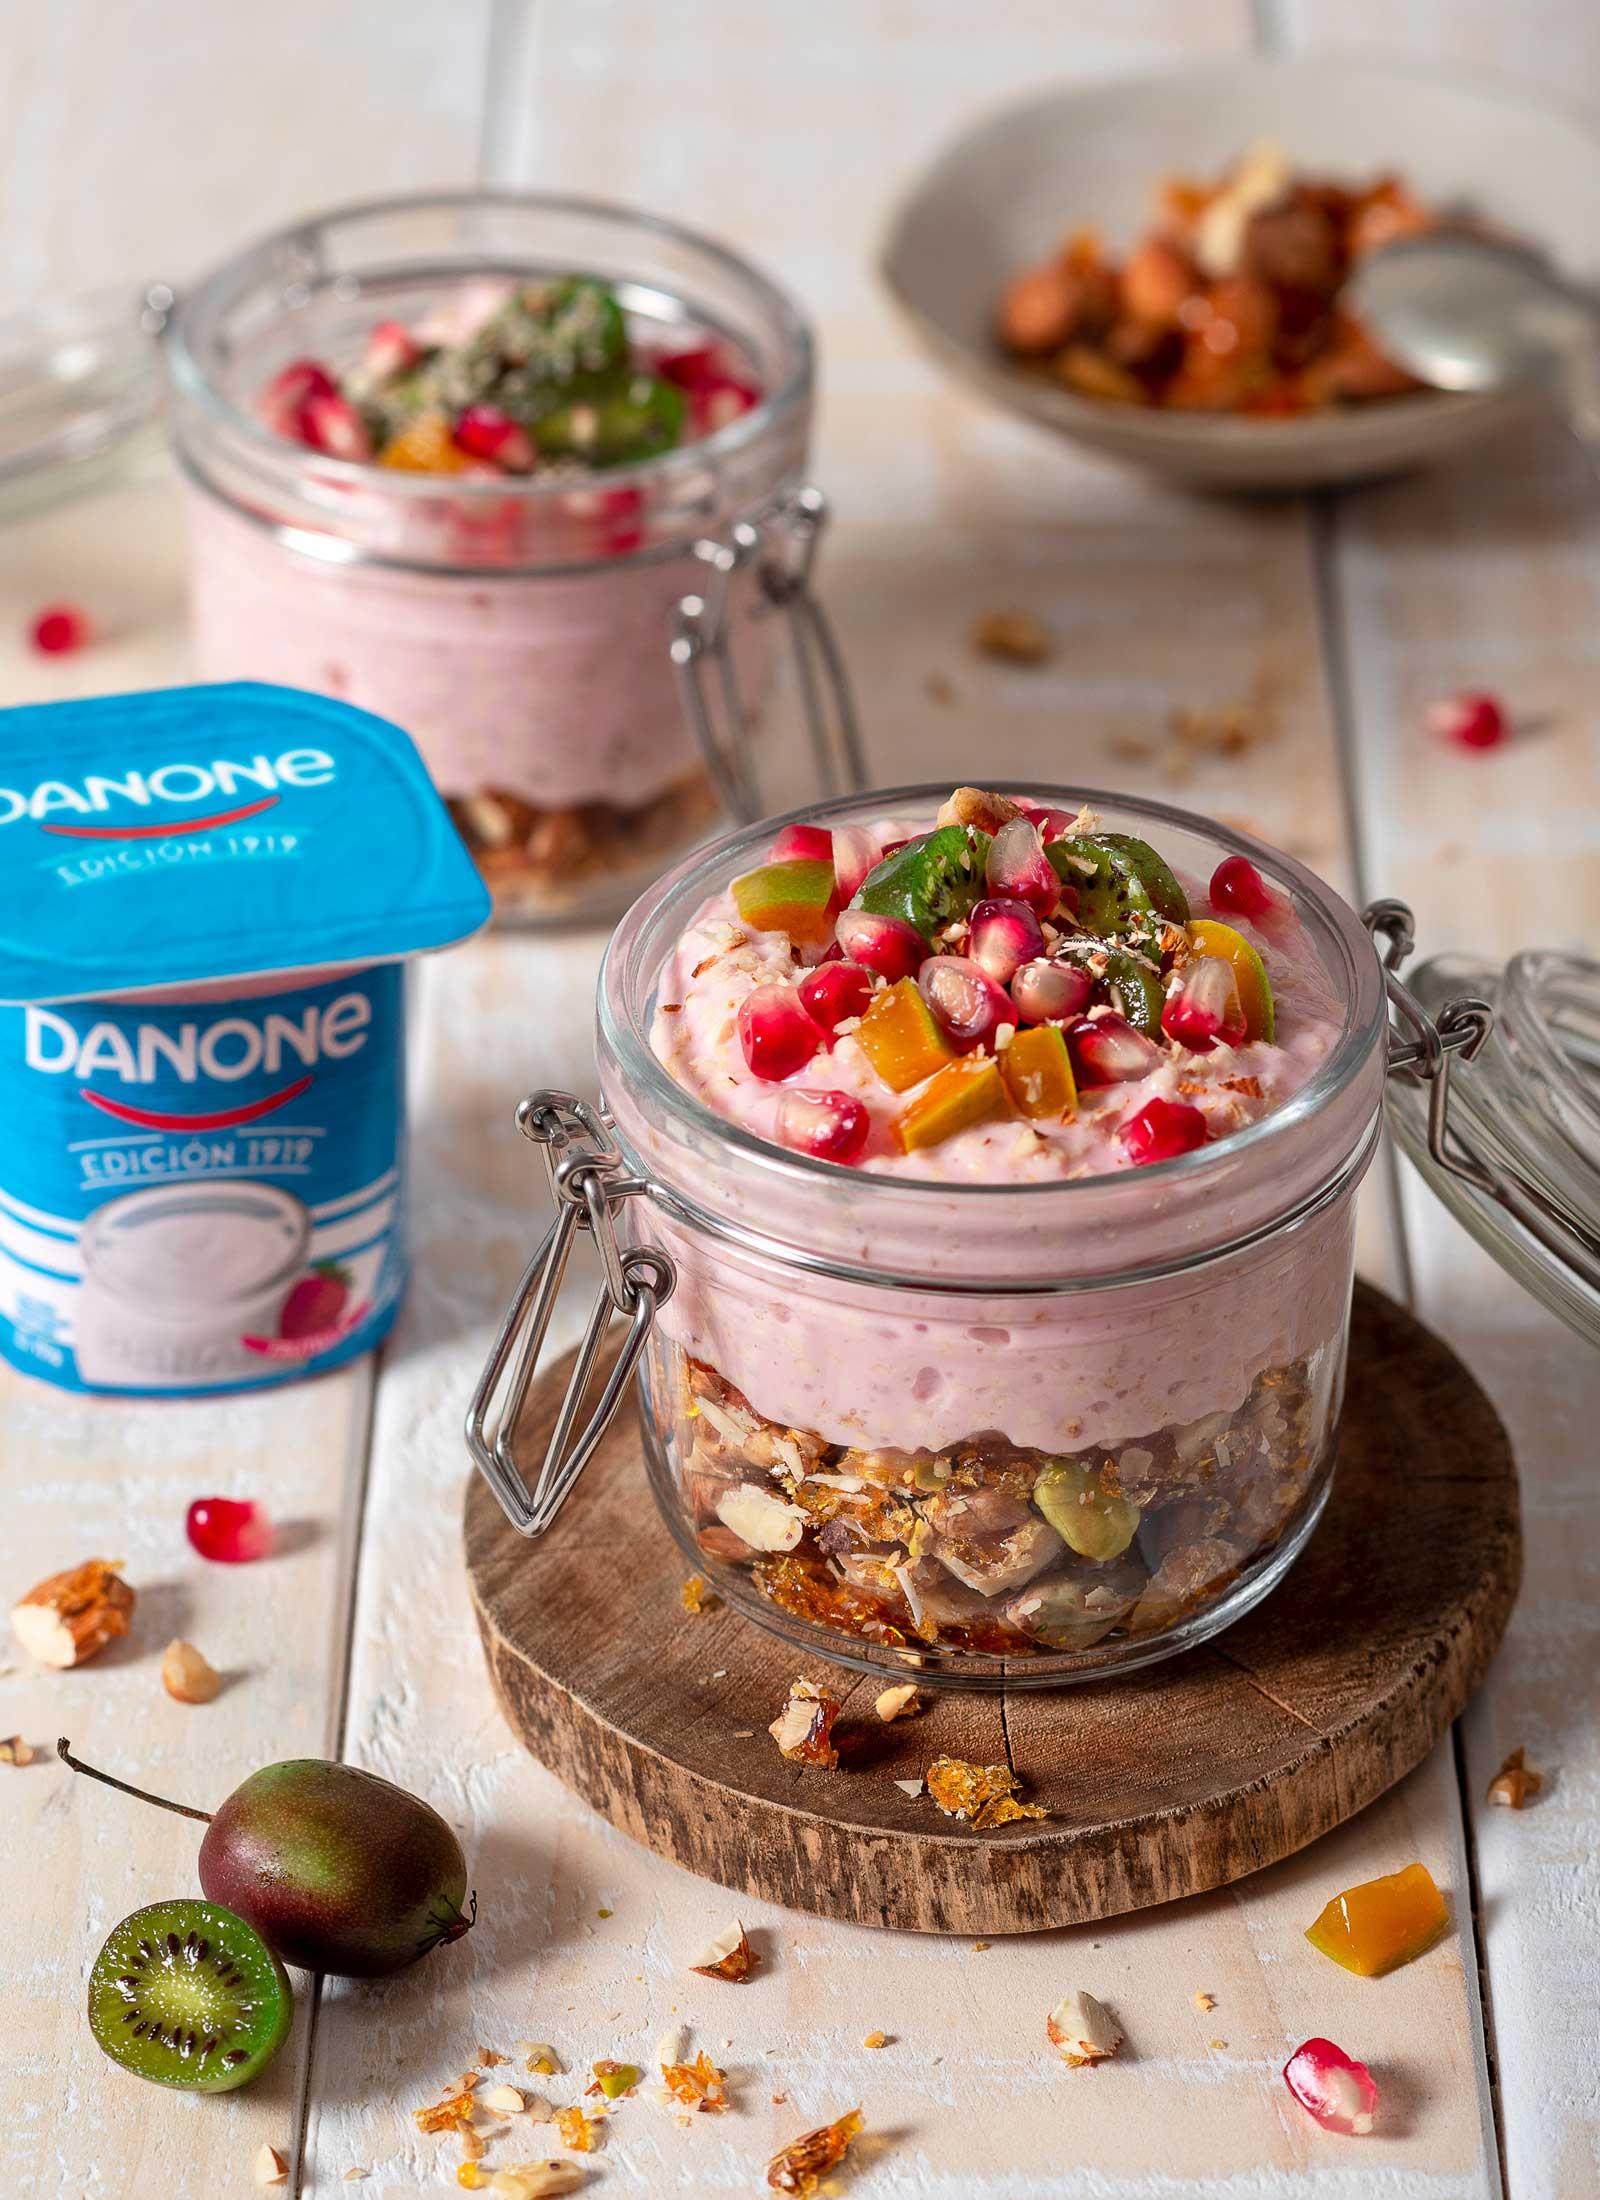 colaciones-yoghurt-danone-estudio-como